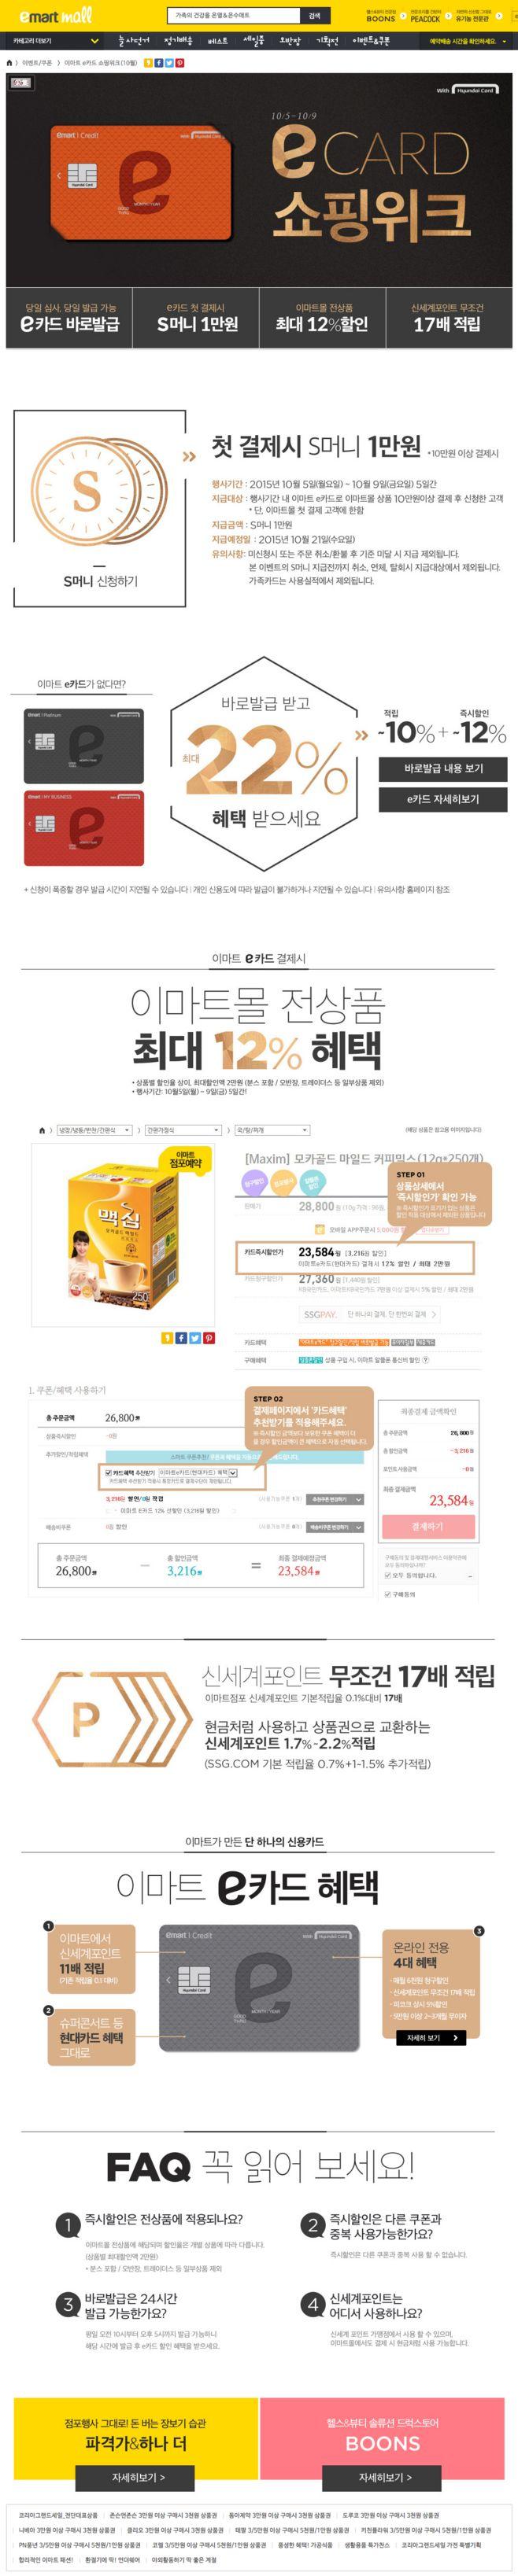 이벤트 > 이마트 e카드 쇼핑위크(1...